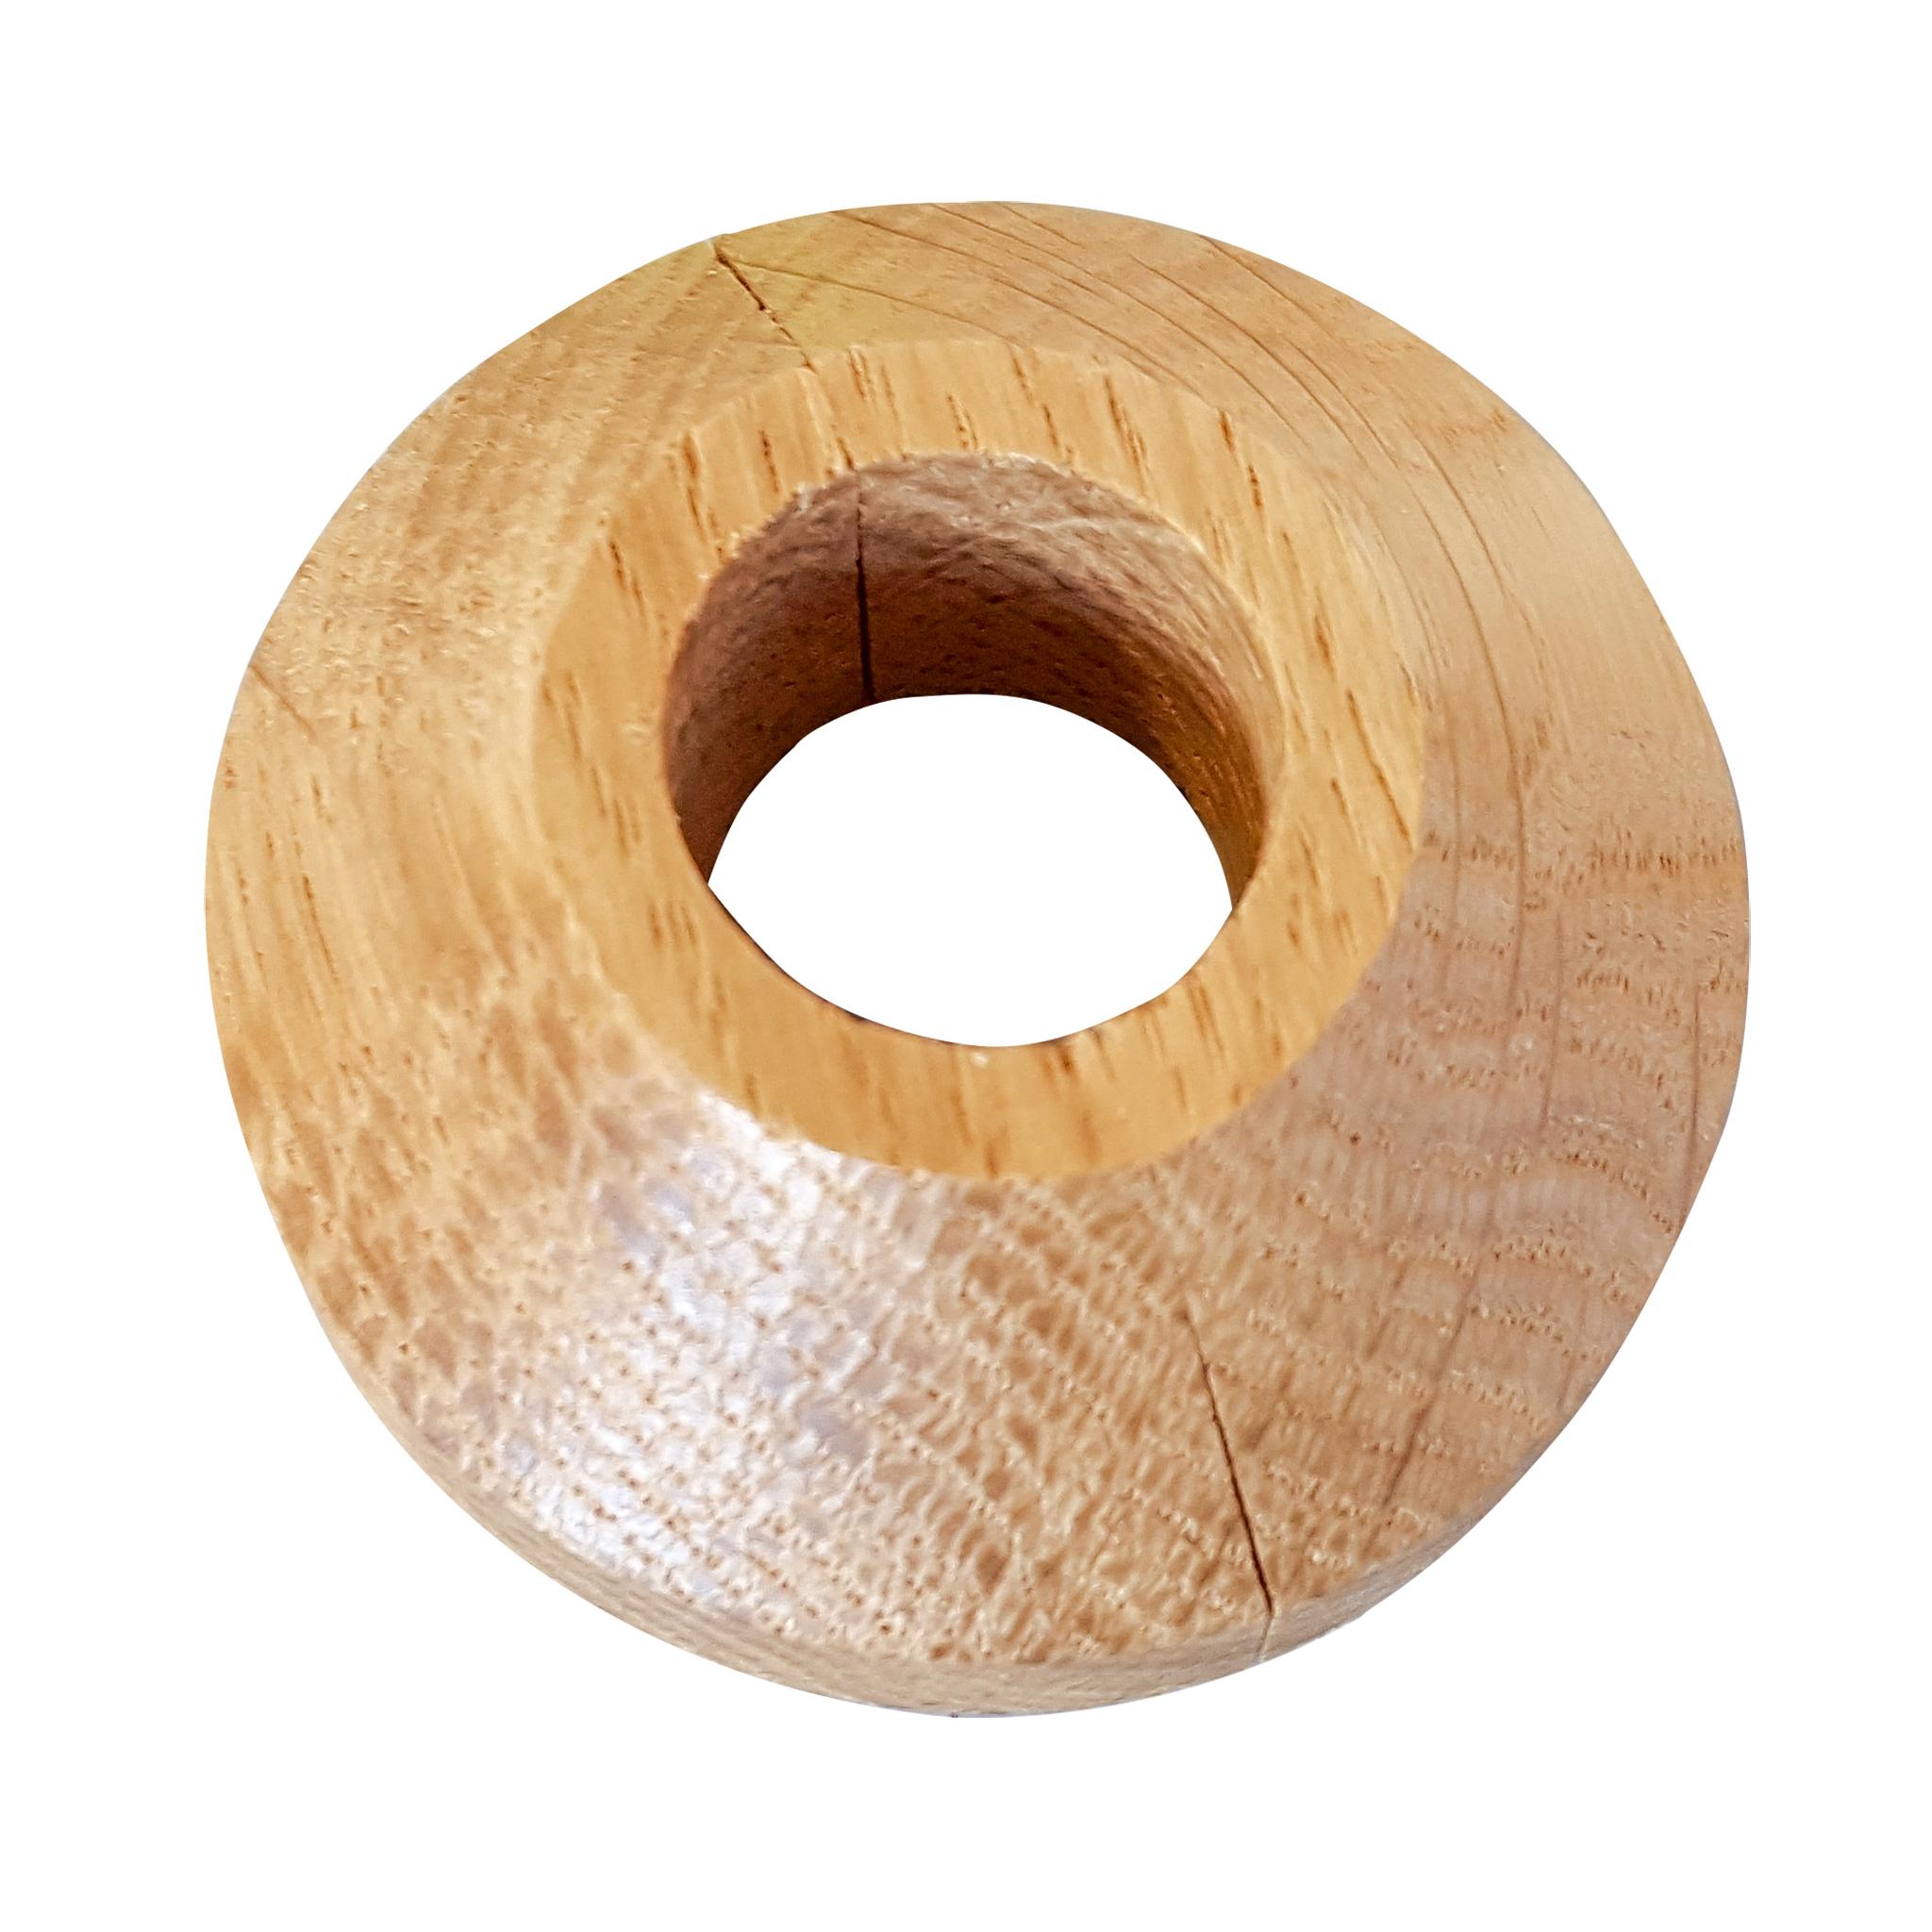 radiator rosette oak 3/8 17,1/19,0mm